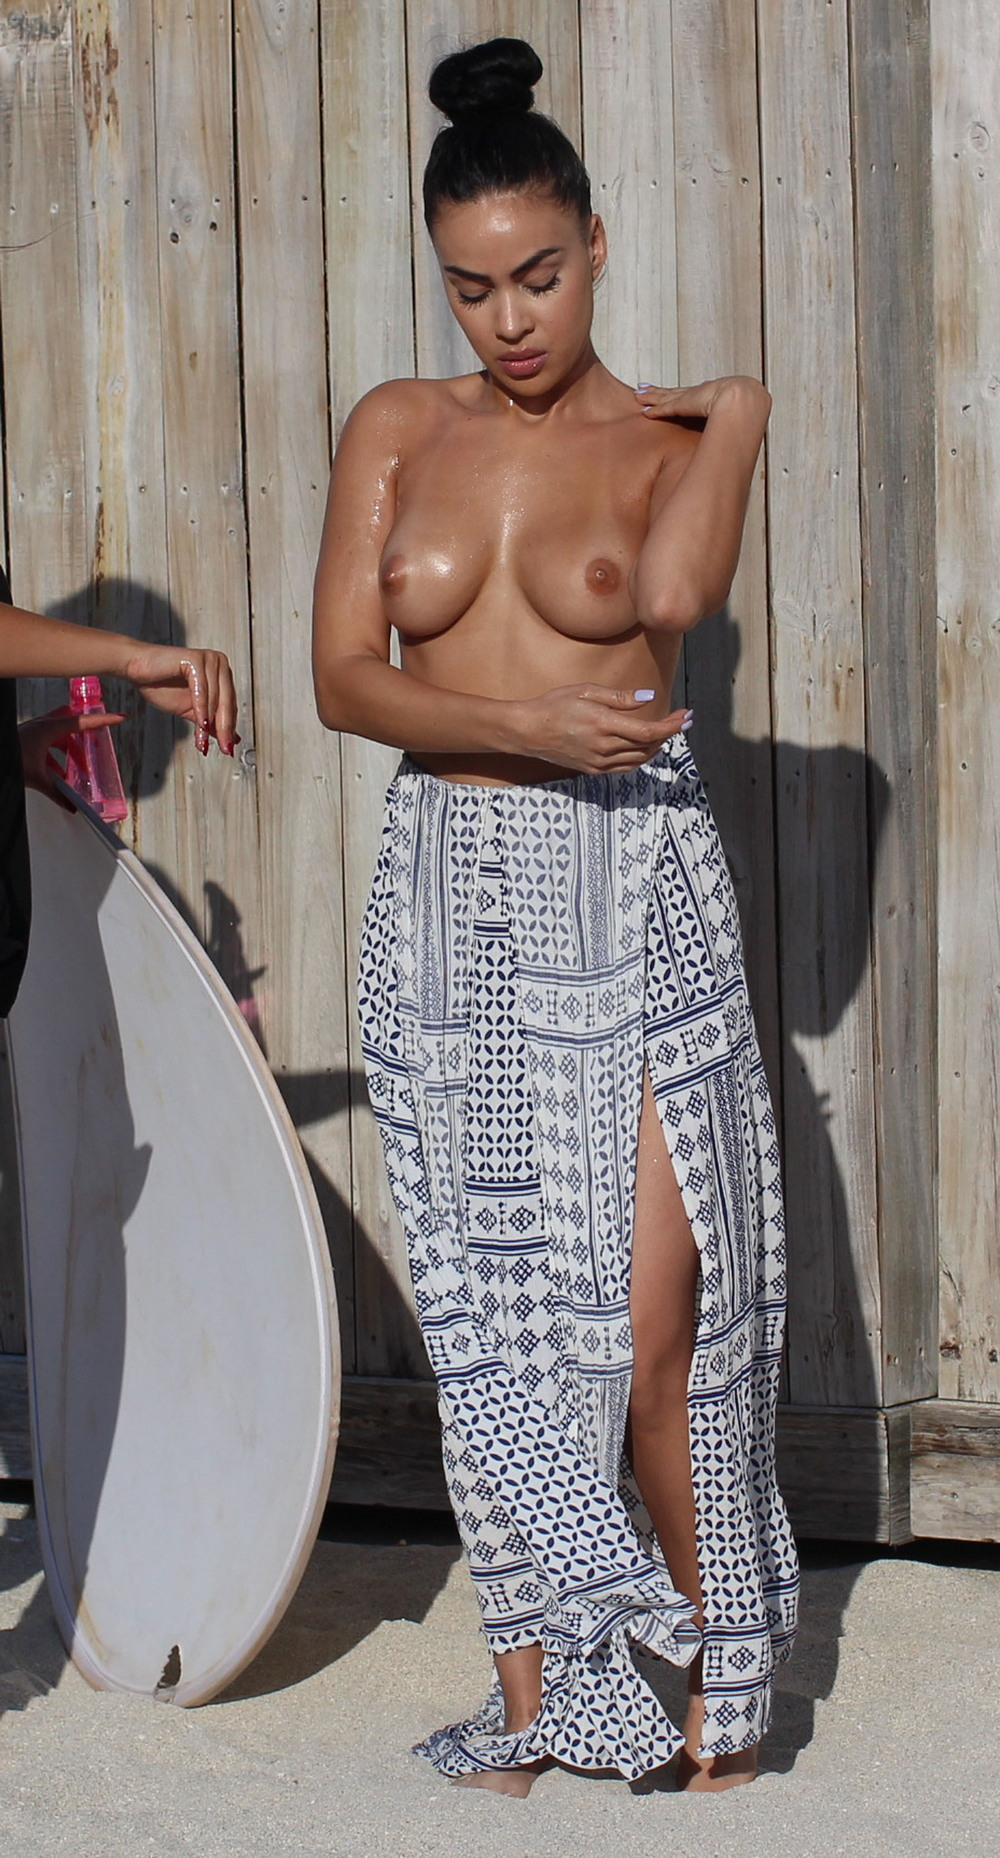 Джулисса Нил позирует топлес